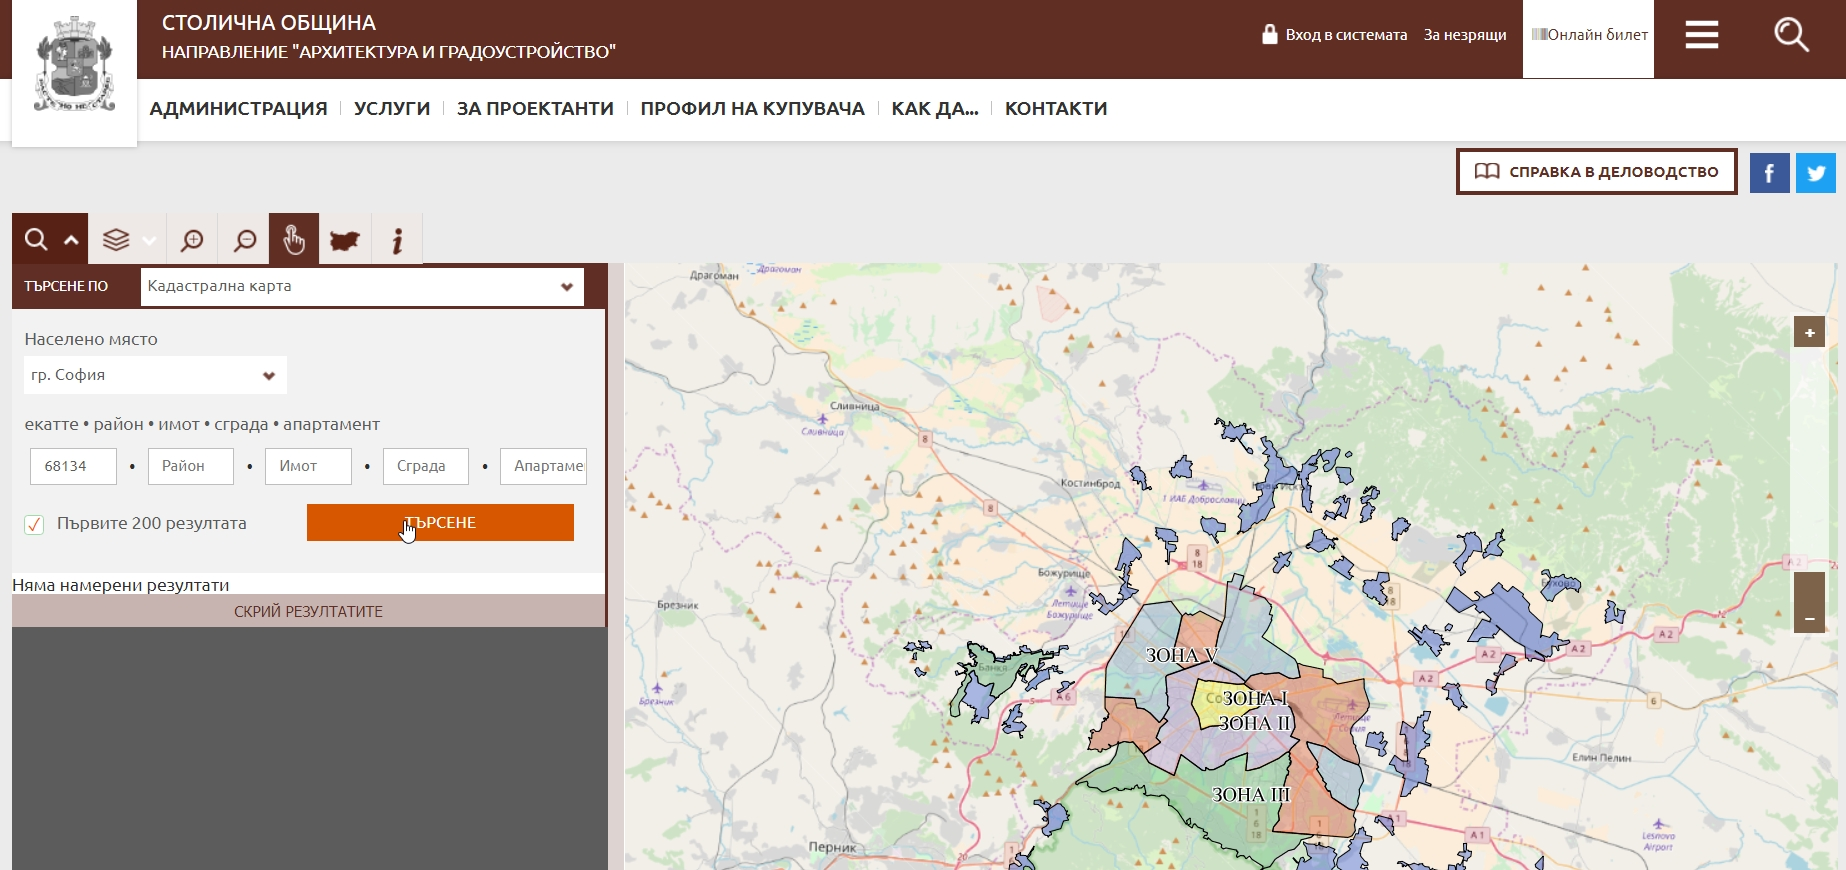 Търсим онлайн ПУП-ове на Столична община по данни от кадастъра